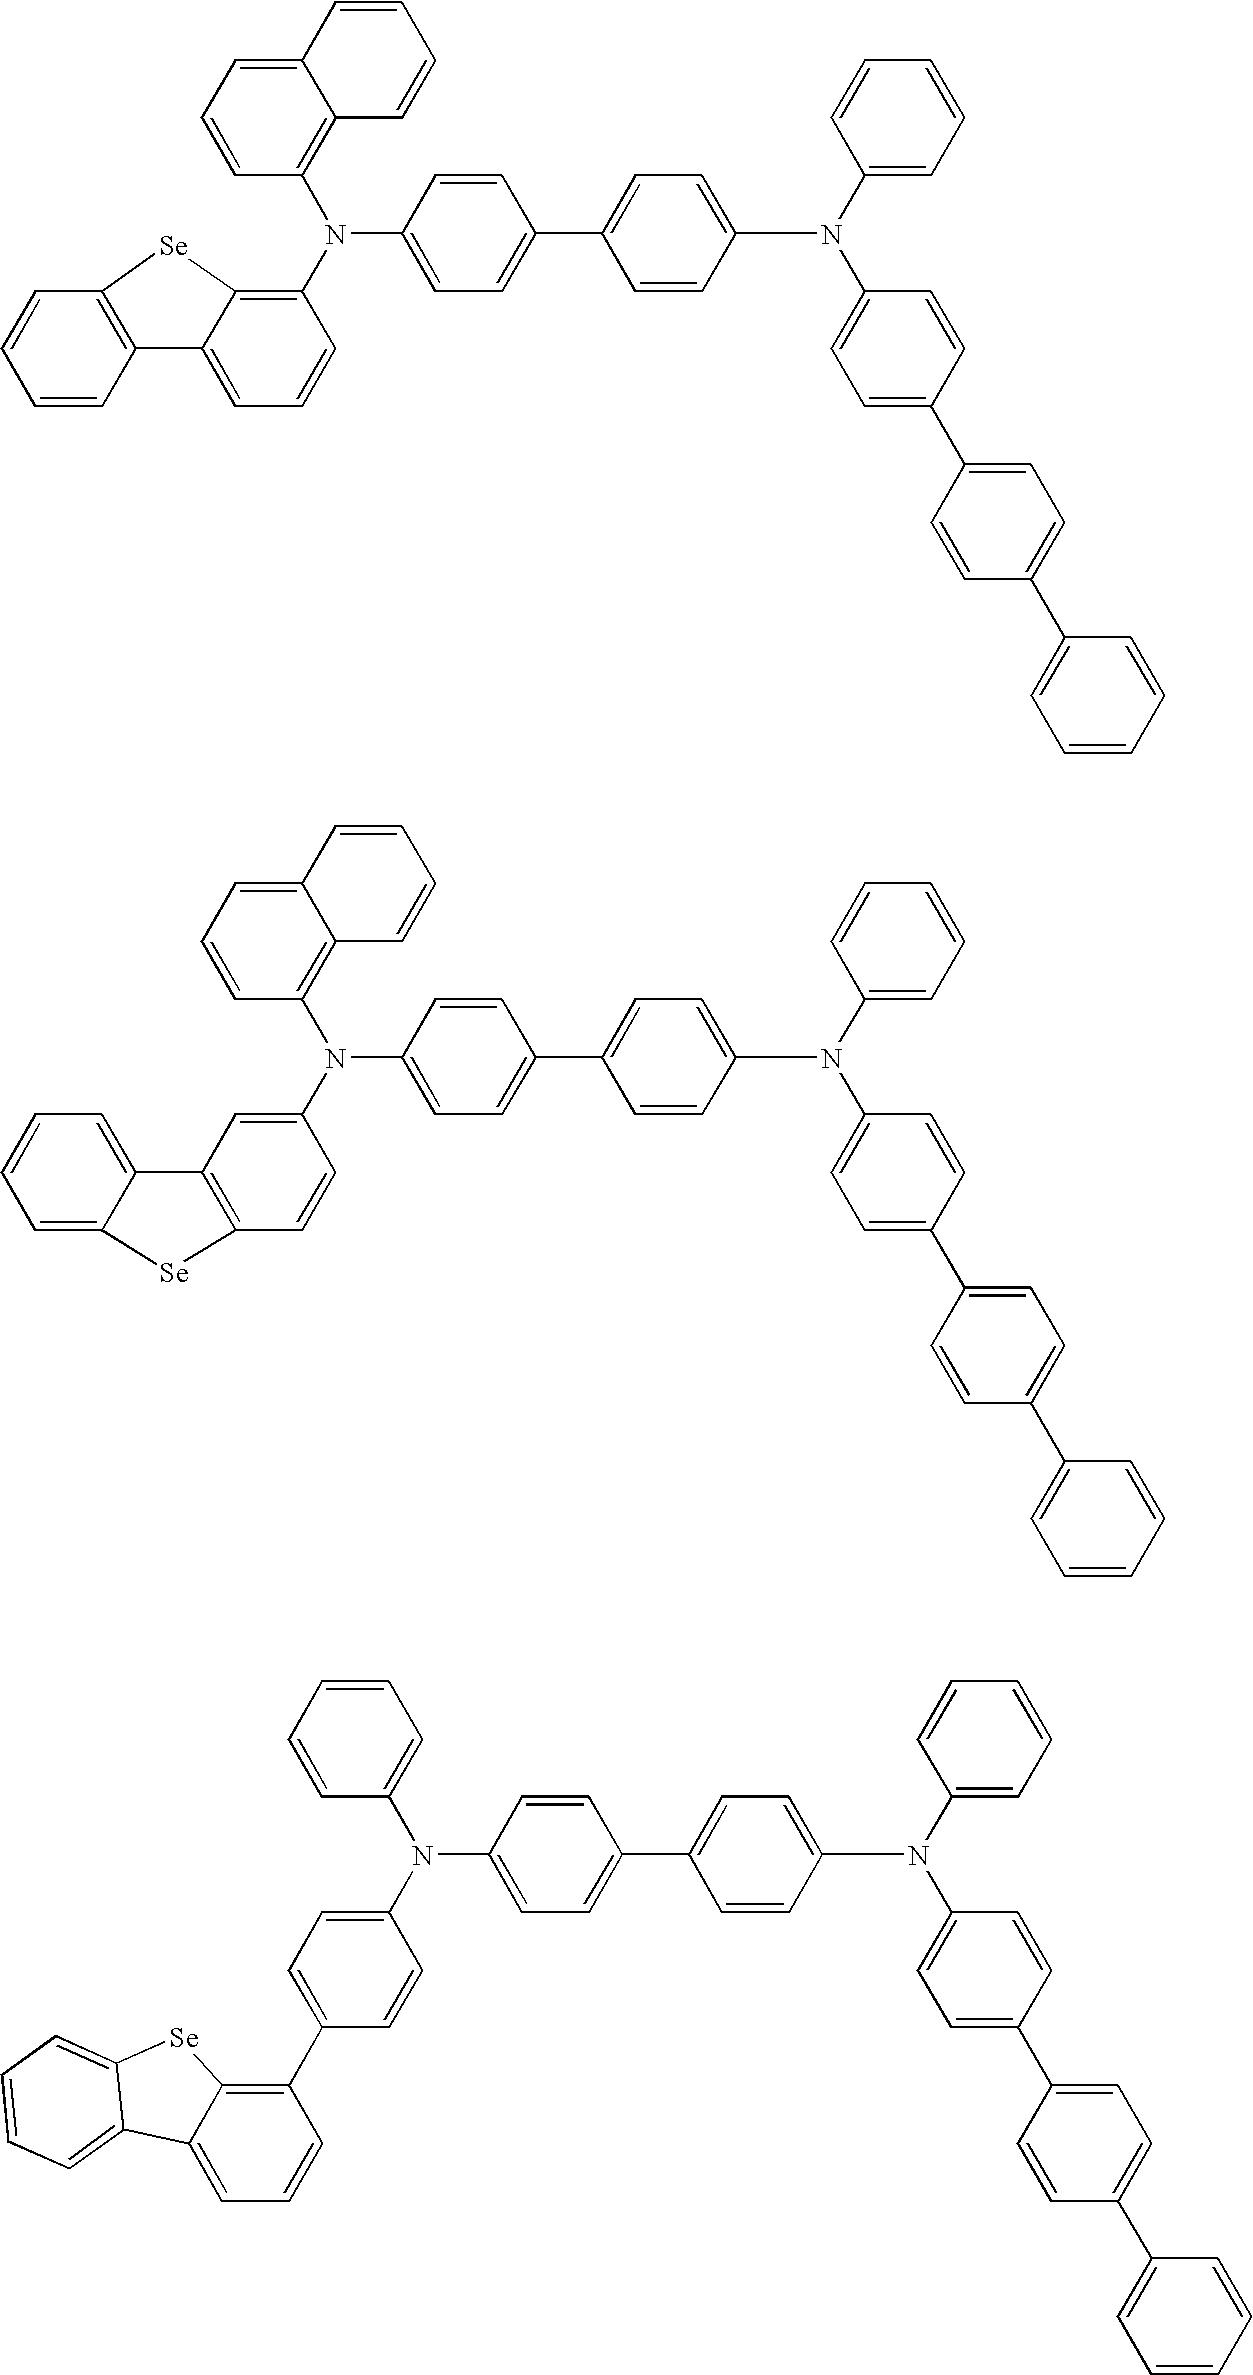 Figure US20100072887A1-20100325-C00212